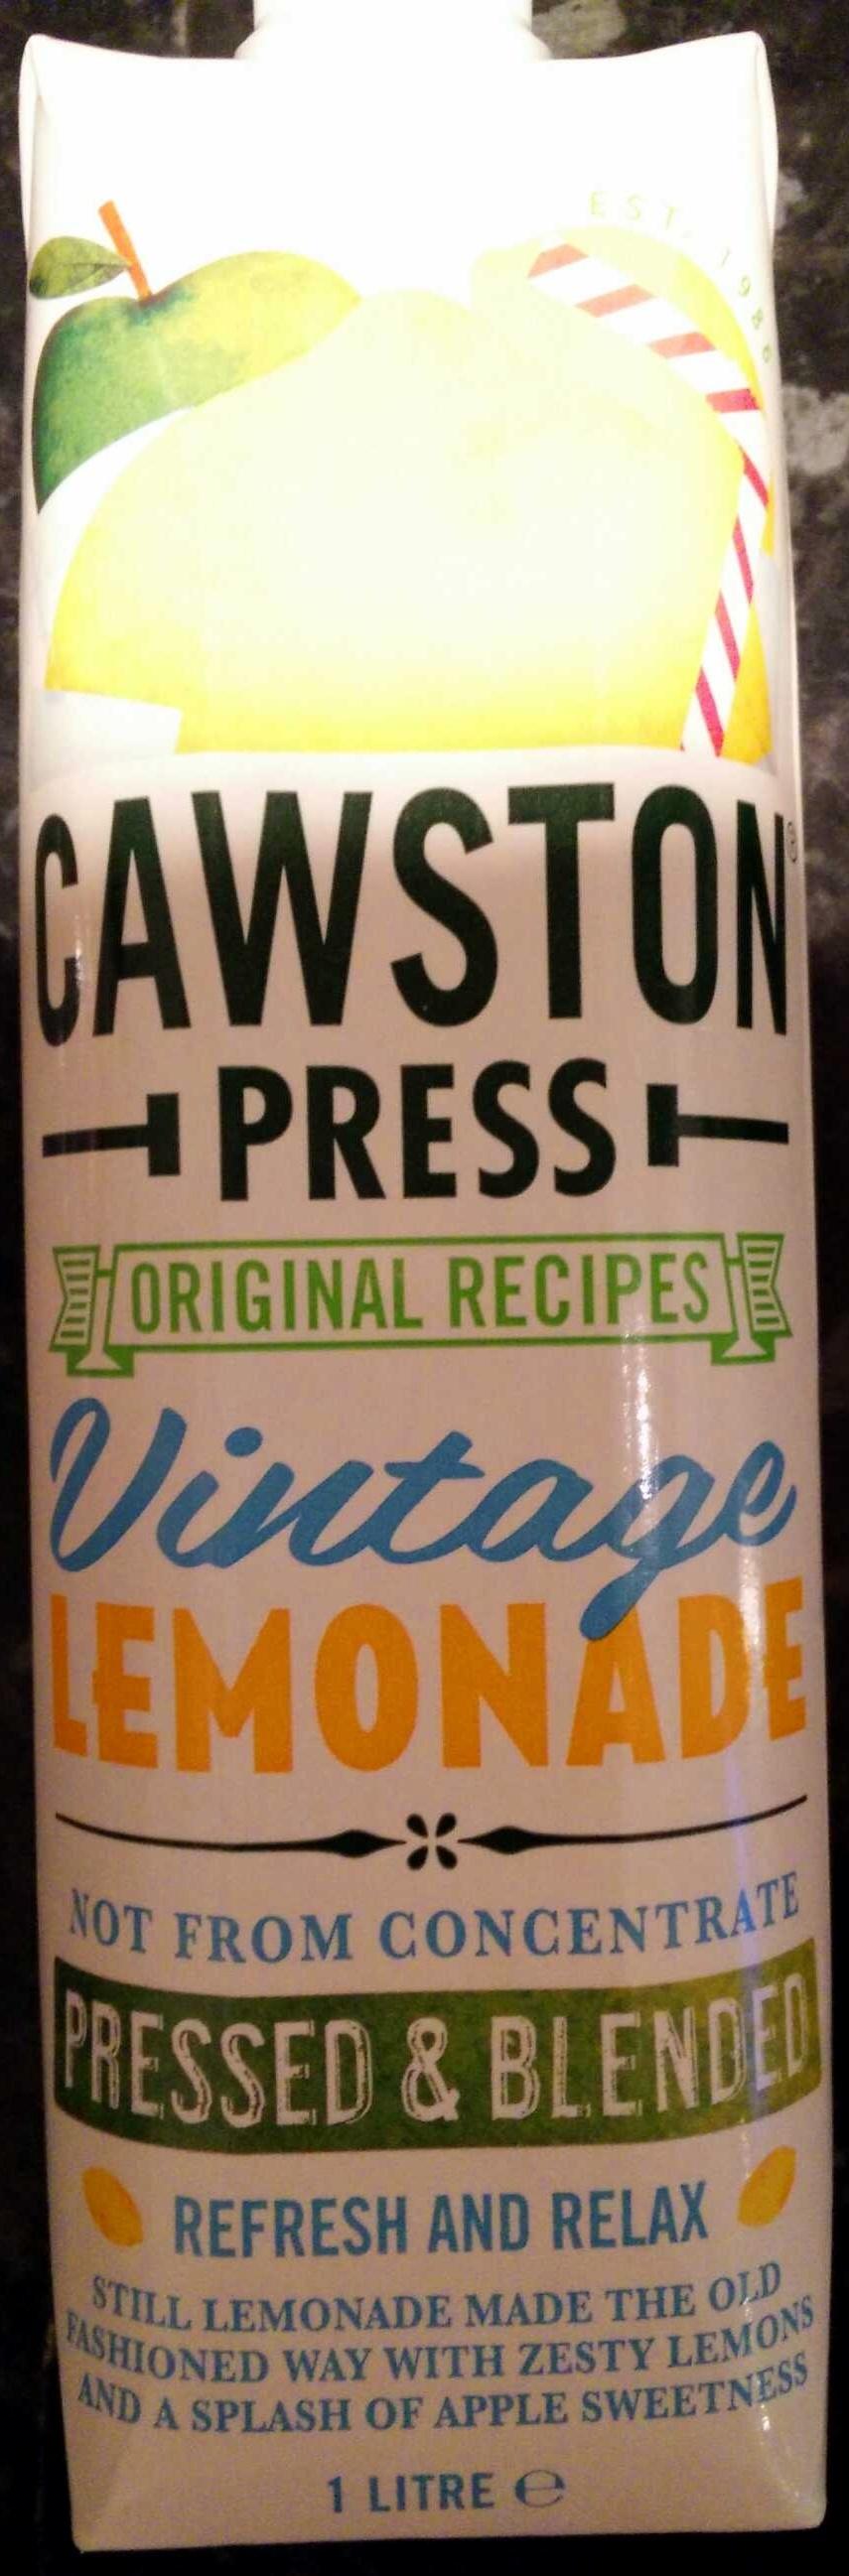 Vintage Lemonade - Product - en